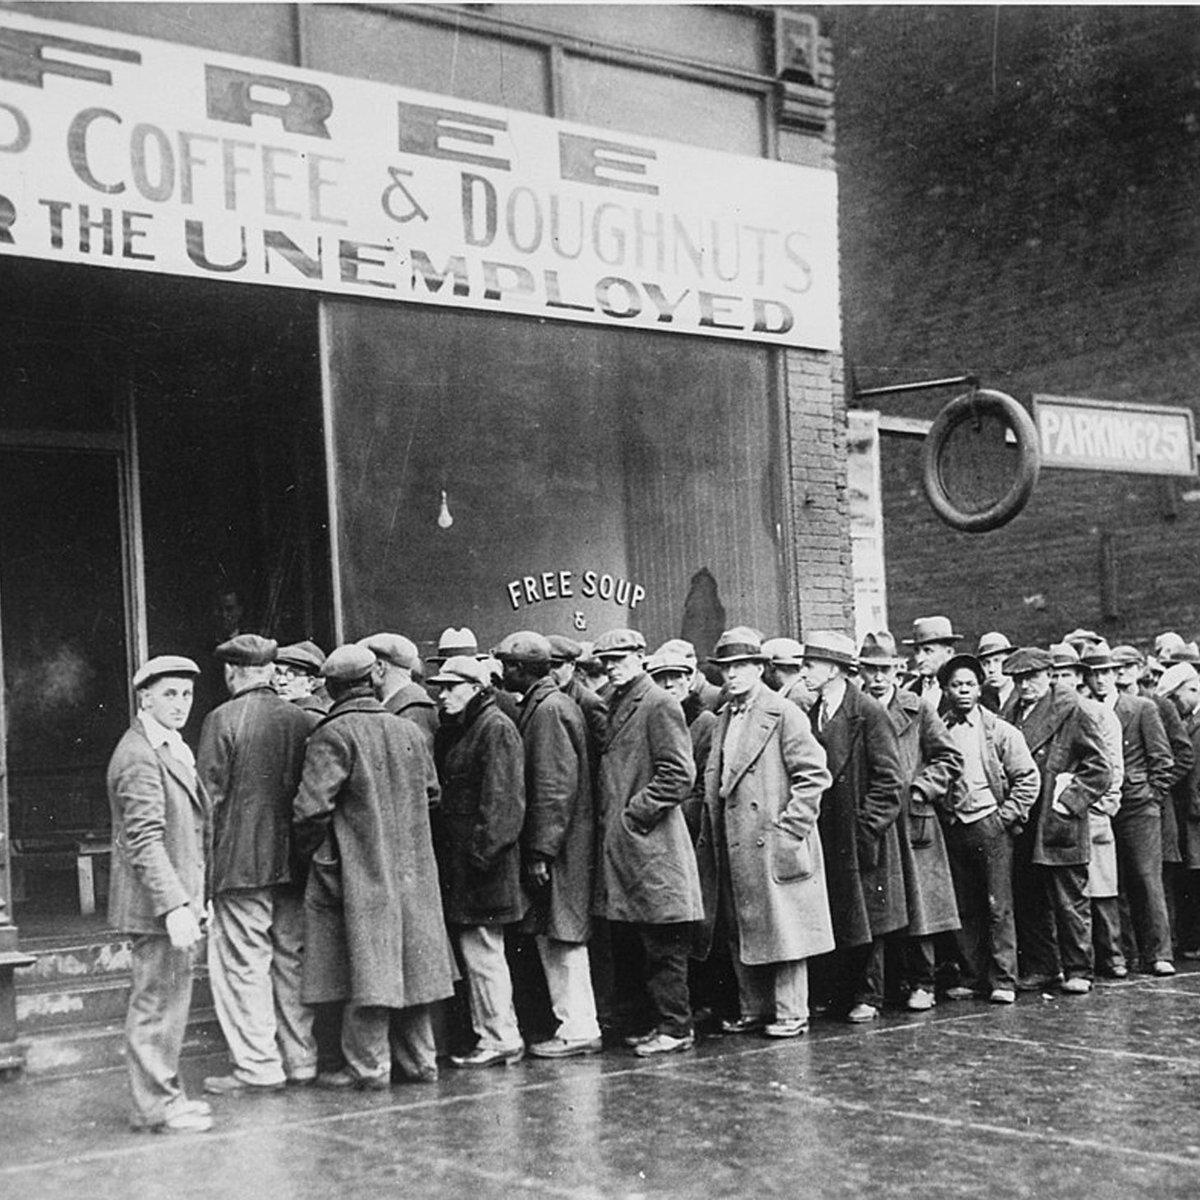 10 月 24 日 年 1929